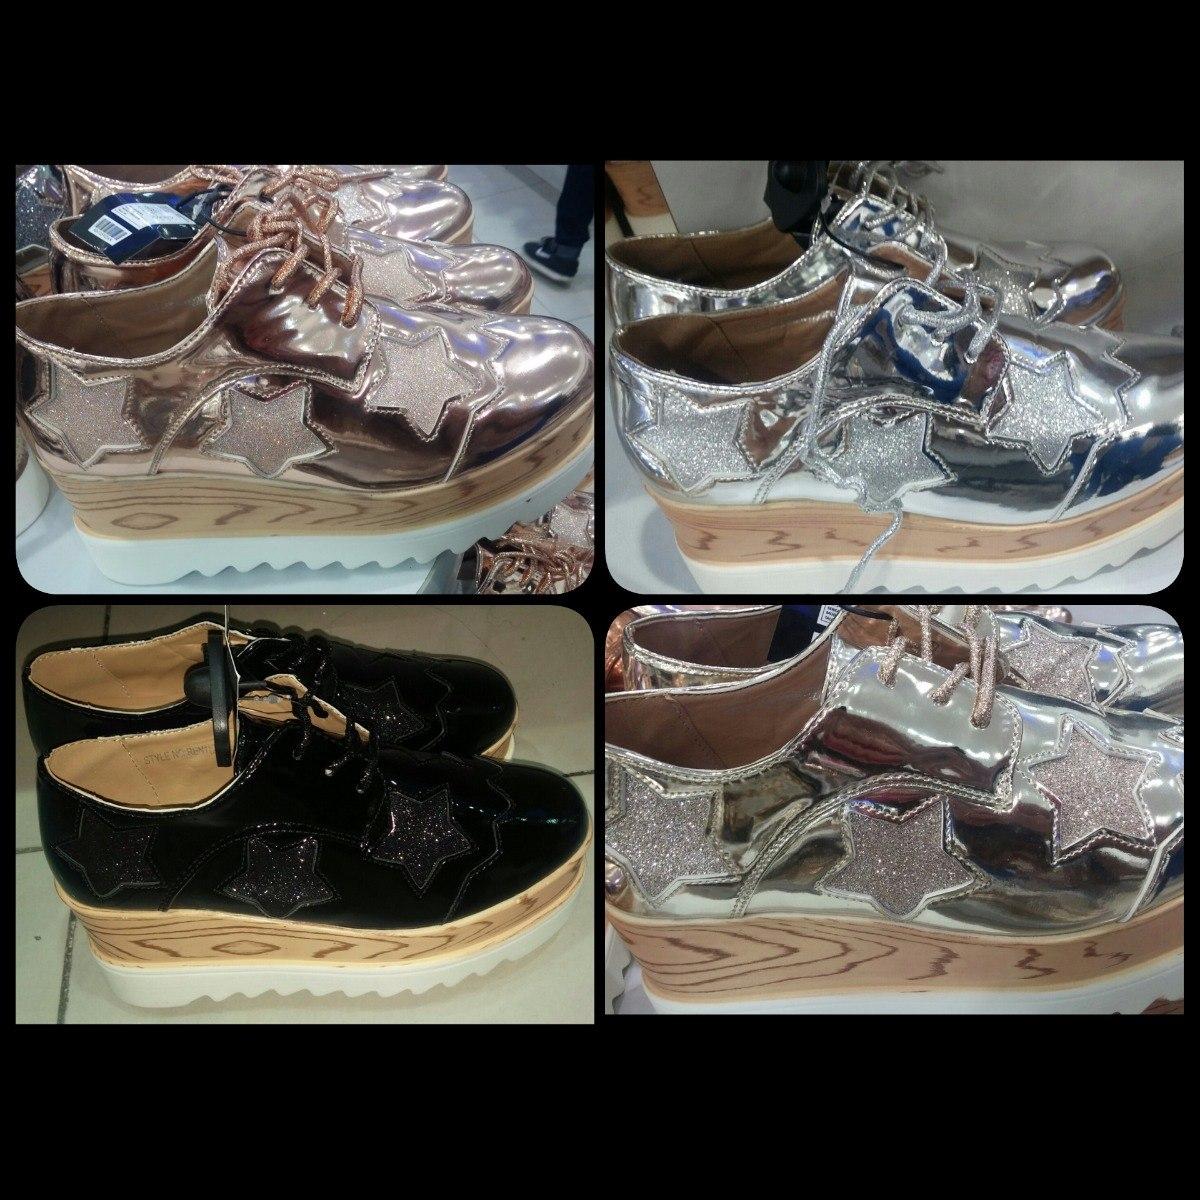 dcf8530172b45 zapatos de plataforma oxford dama moda metalizados brillante. Cargando zoom.